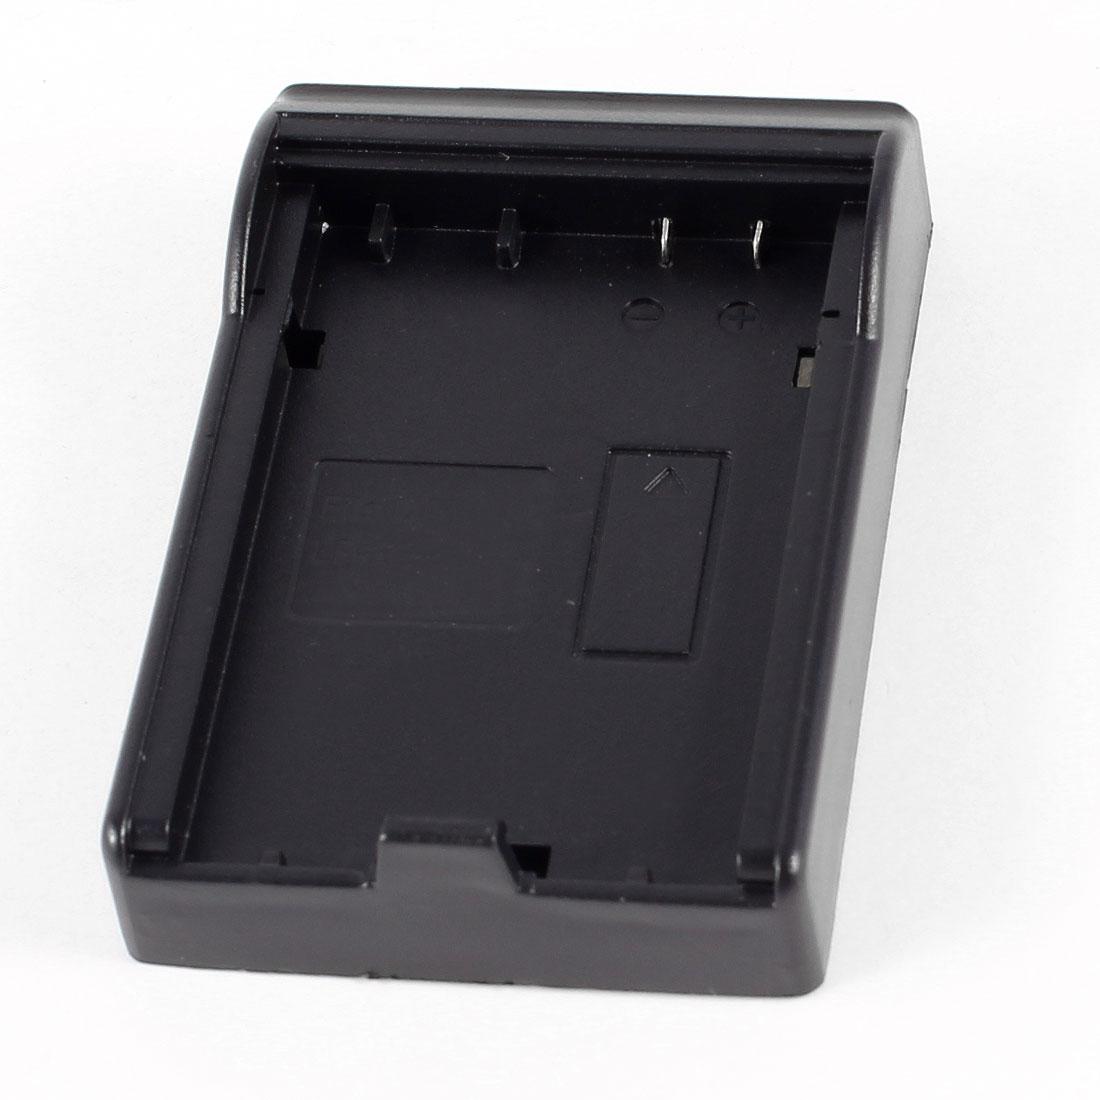 4.2V Battery Adapter Base Plate EN-EL5 for Nikon Coolpix 3700 4200 5200 5900